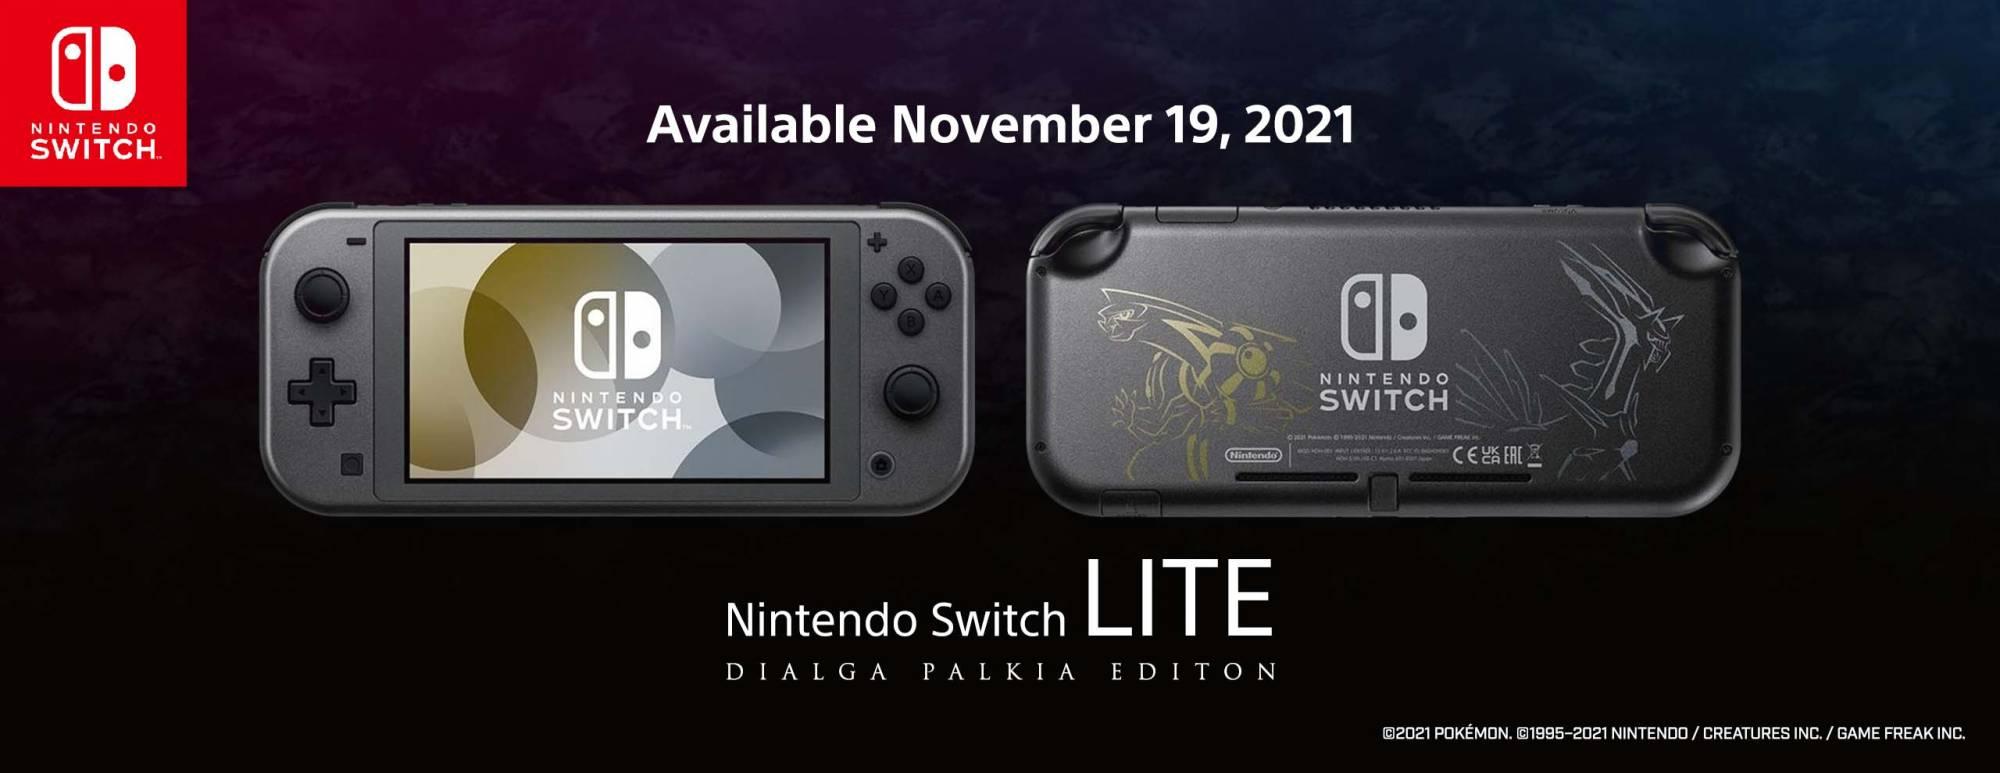 Switch Lite - Dialga & Palkia Edition